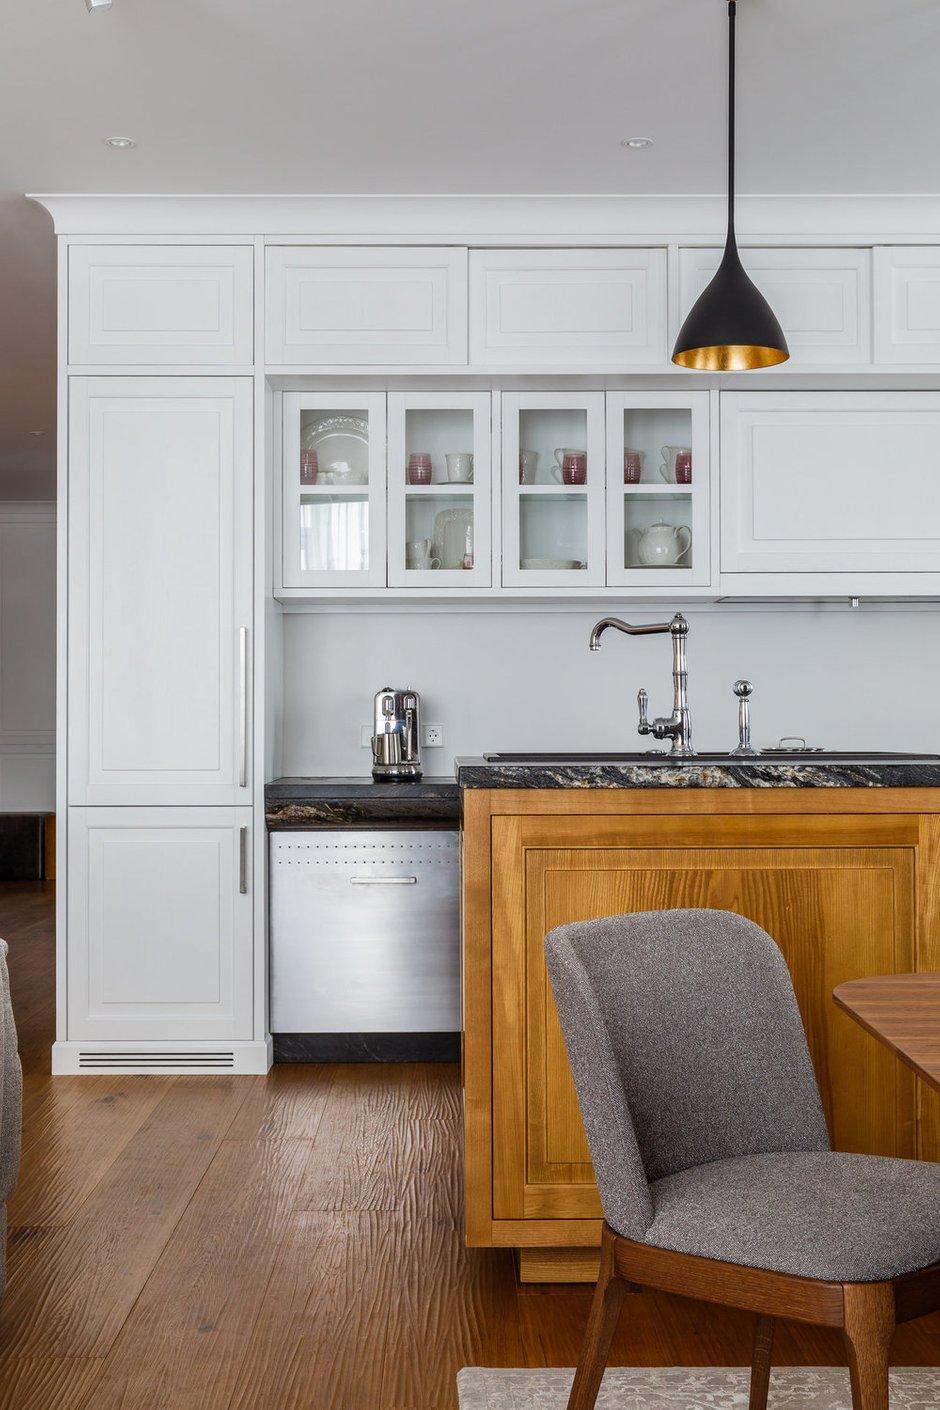 Фотография: Кухня и столовая в стиле Современный, Miele, Гид, Маргарета Шютте-Лихоцки, G7000, кто придумал кухню, франкфуртская кухня – фото на INMYROOM